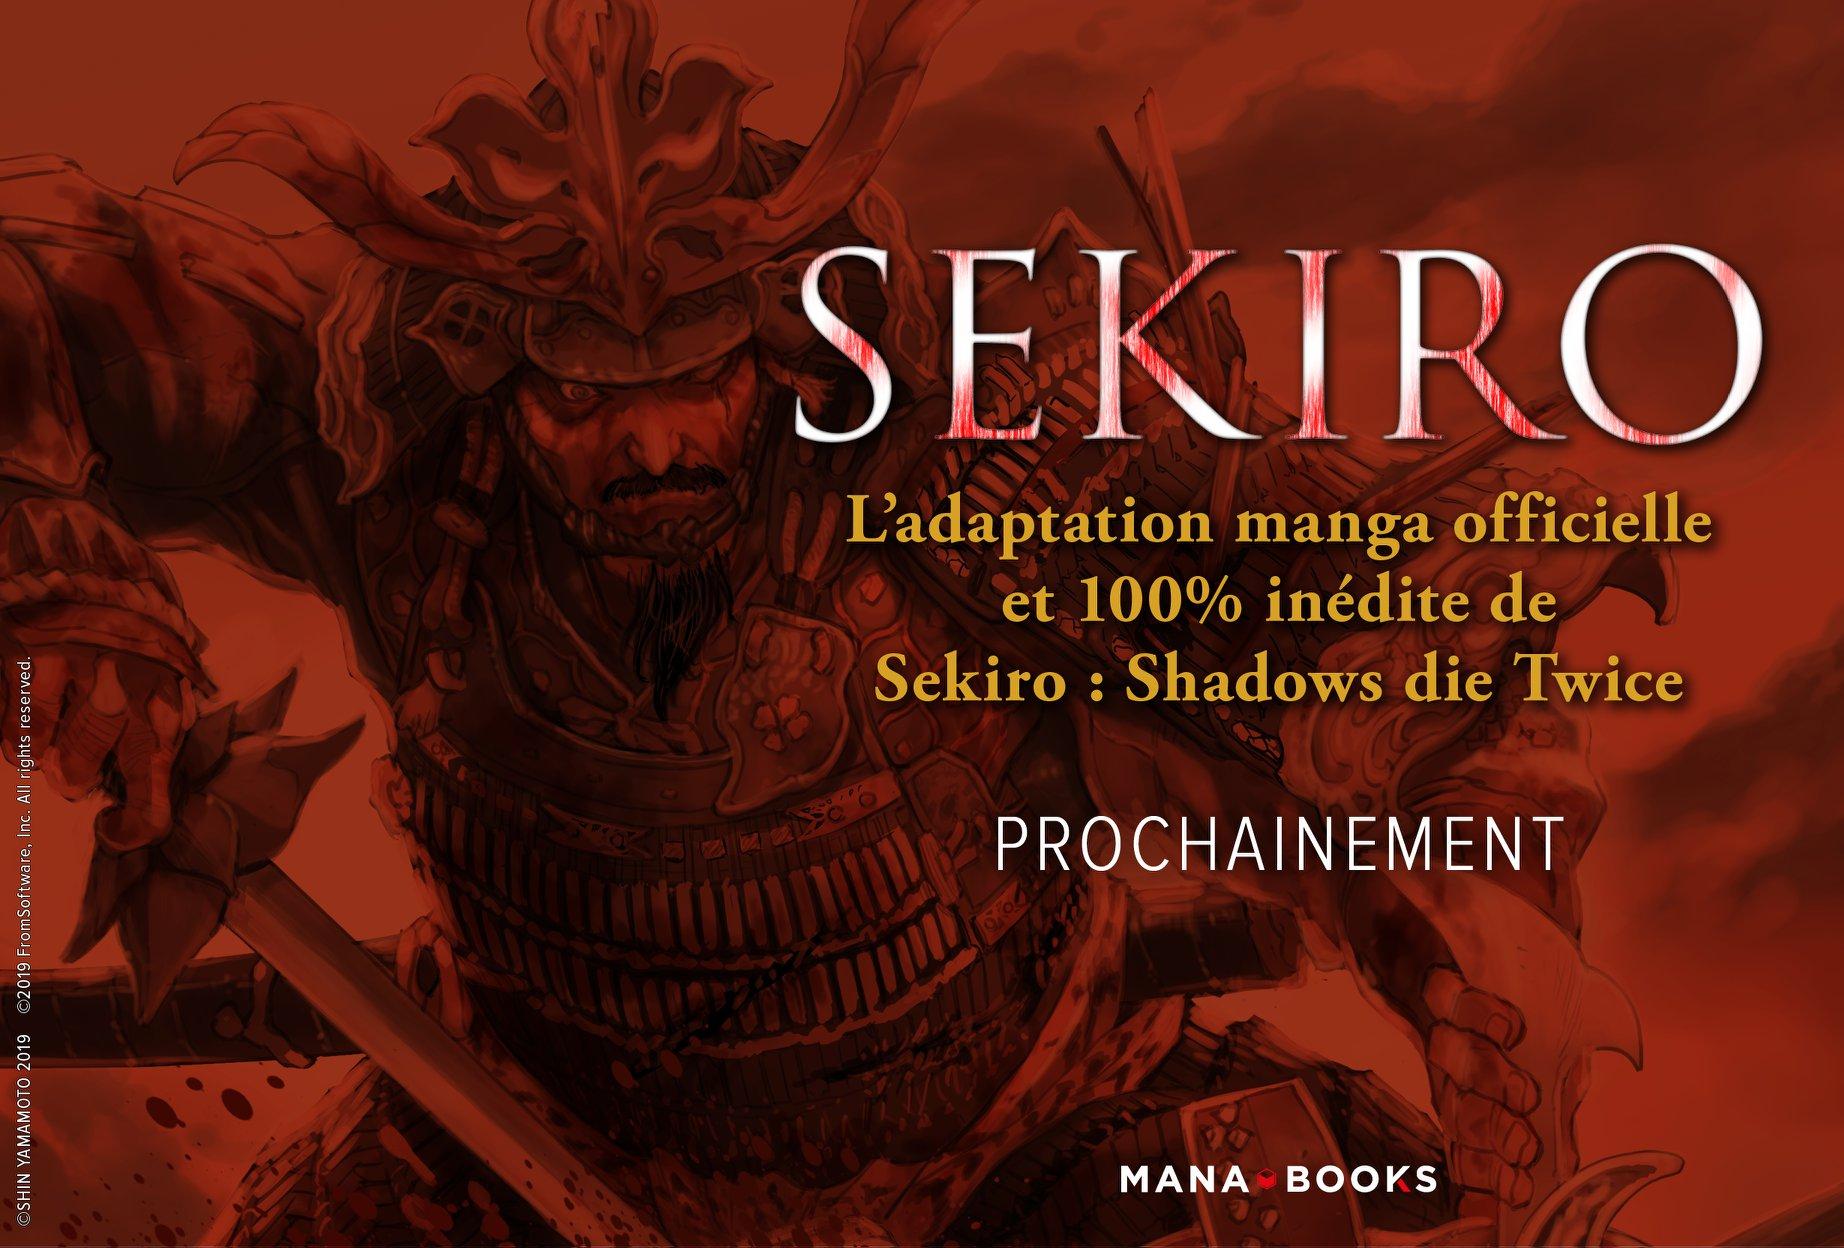 Sekiro full